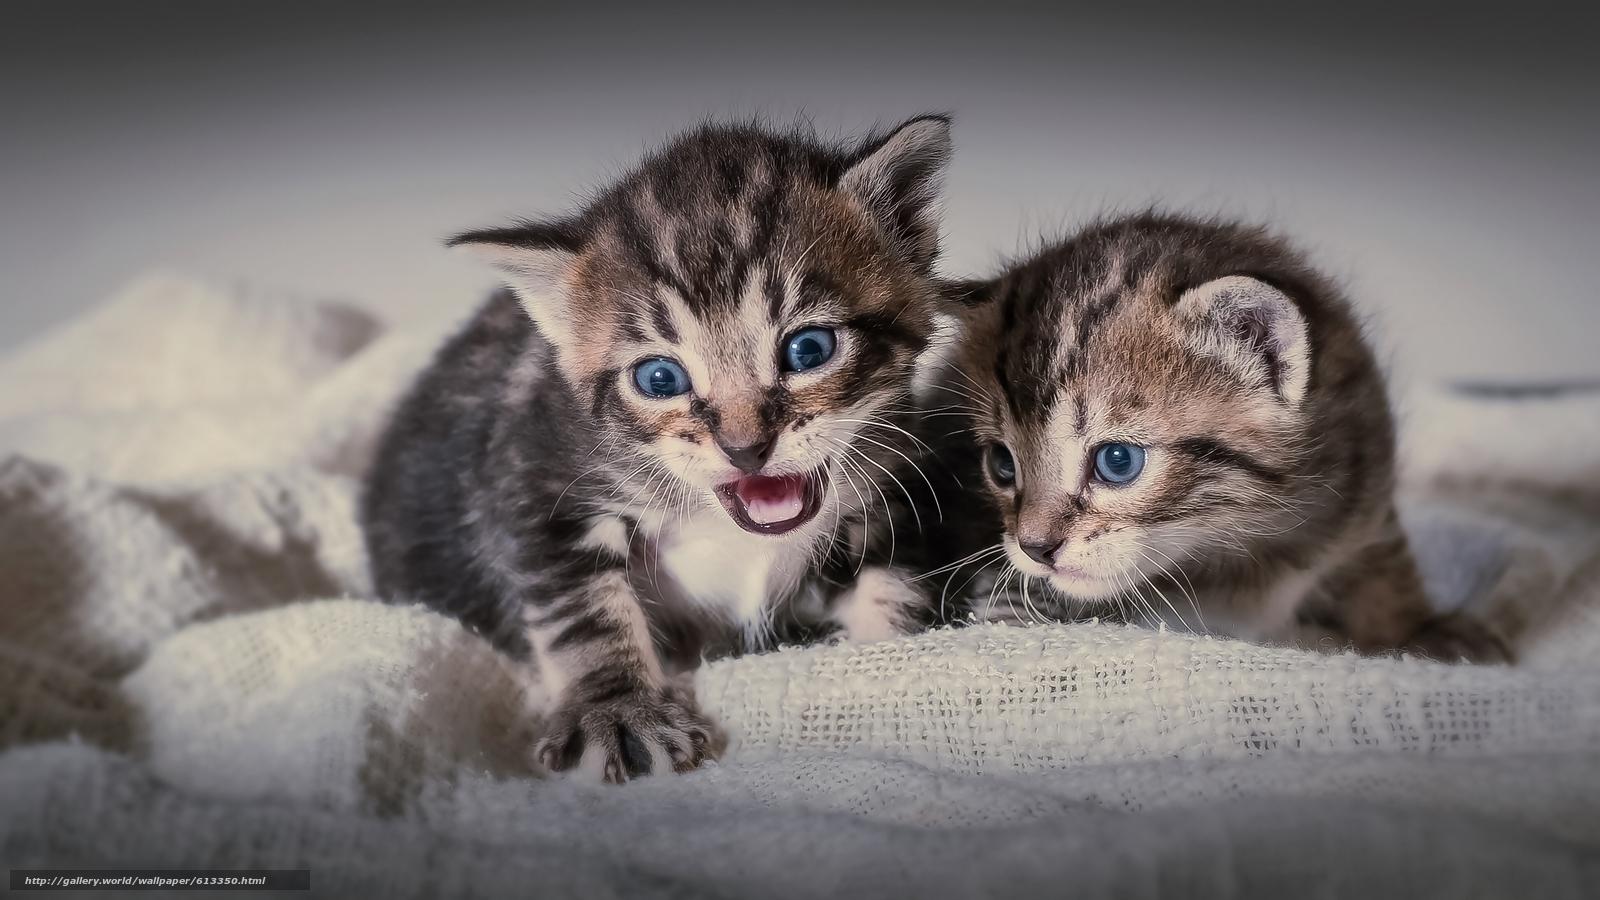 Tlcharger fond decran chatons enfants jumeaux fonds decran